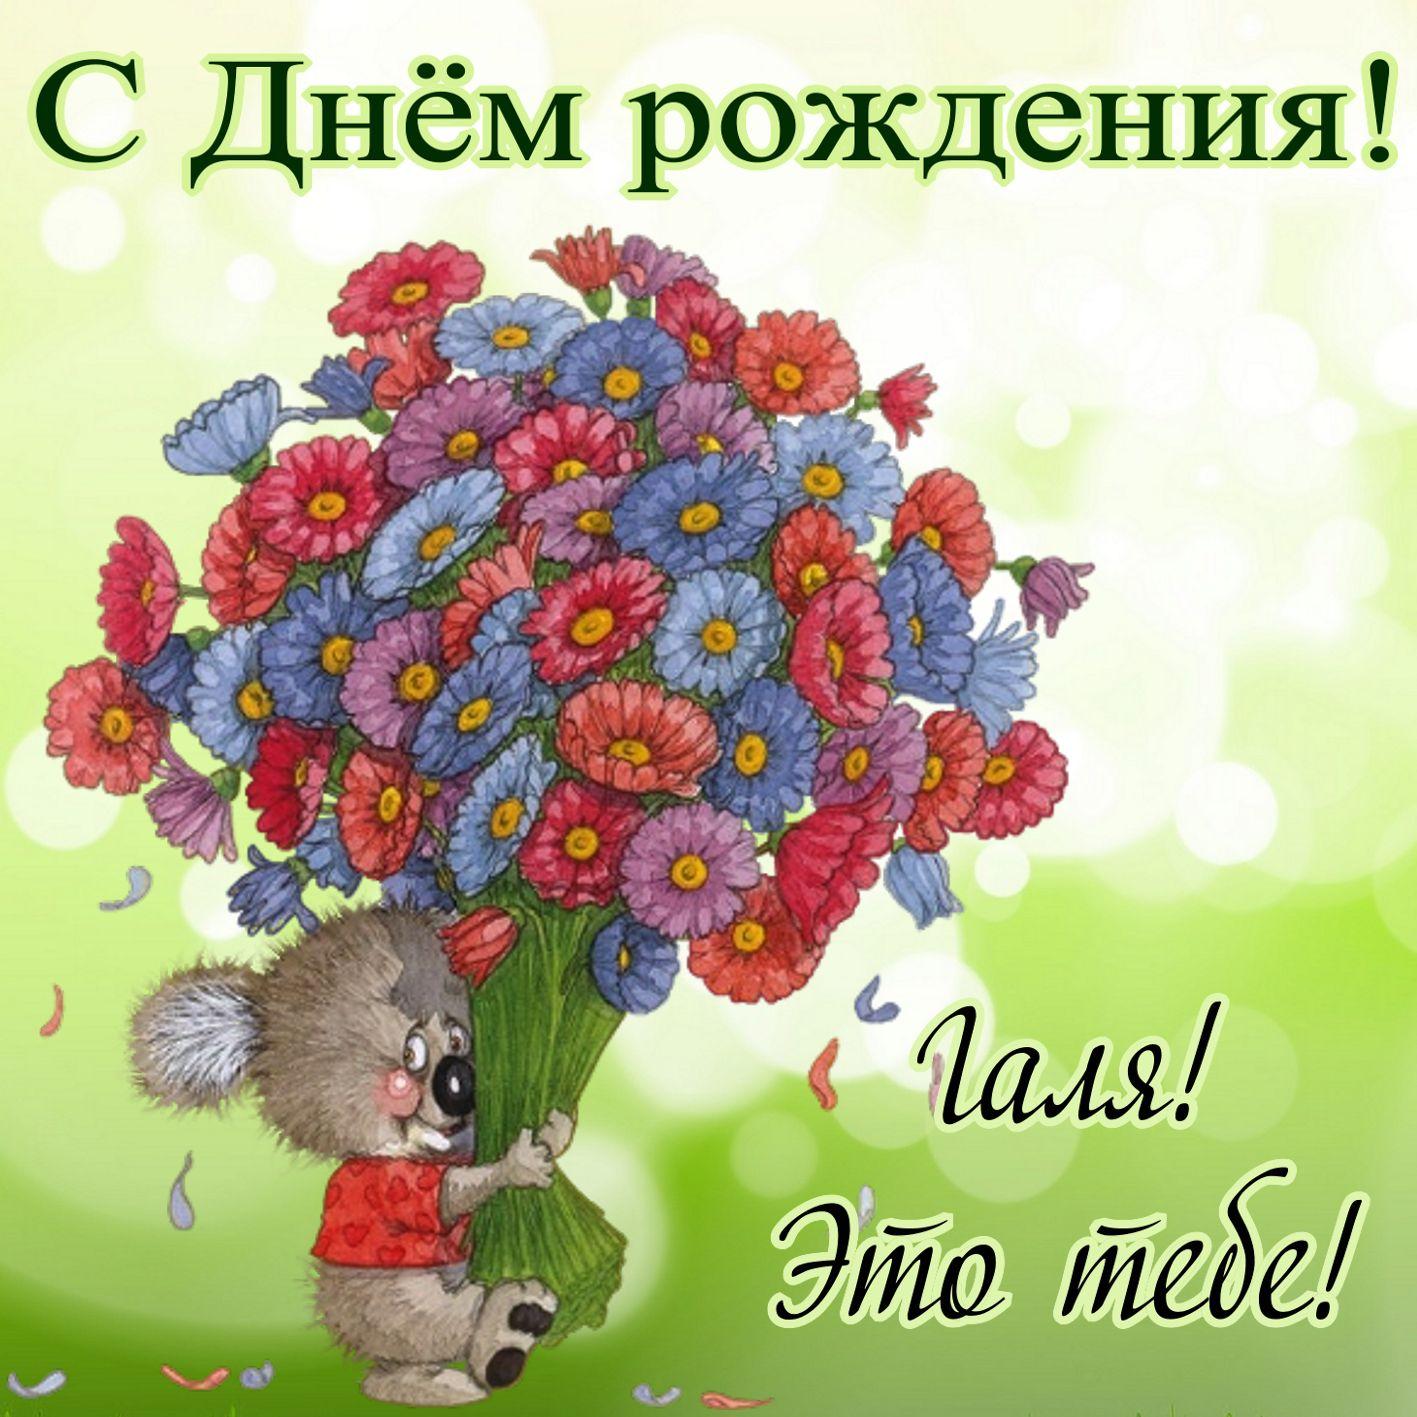 Медвежонок с огромным букетом цветов для Гали